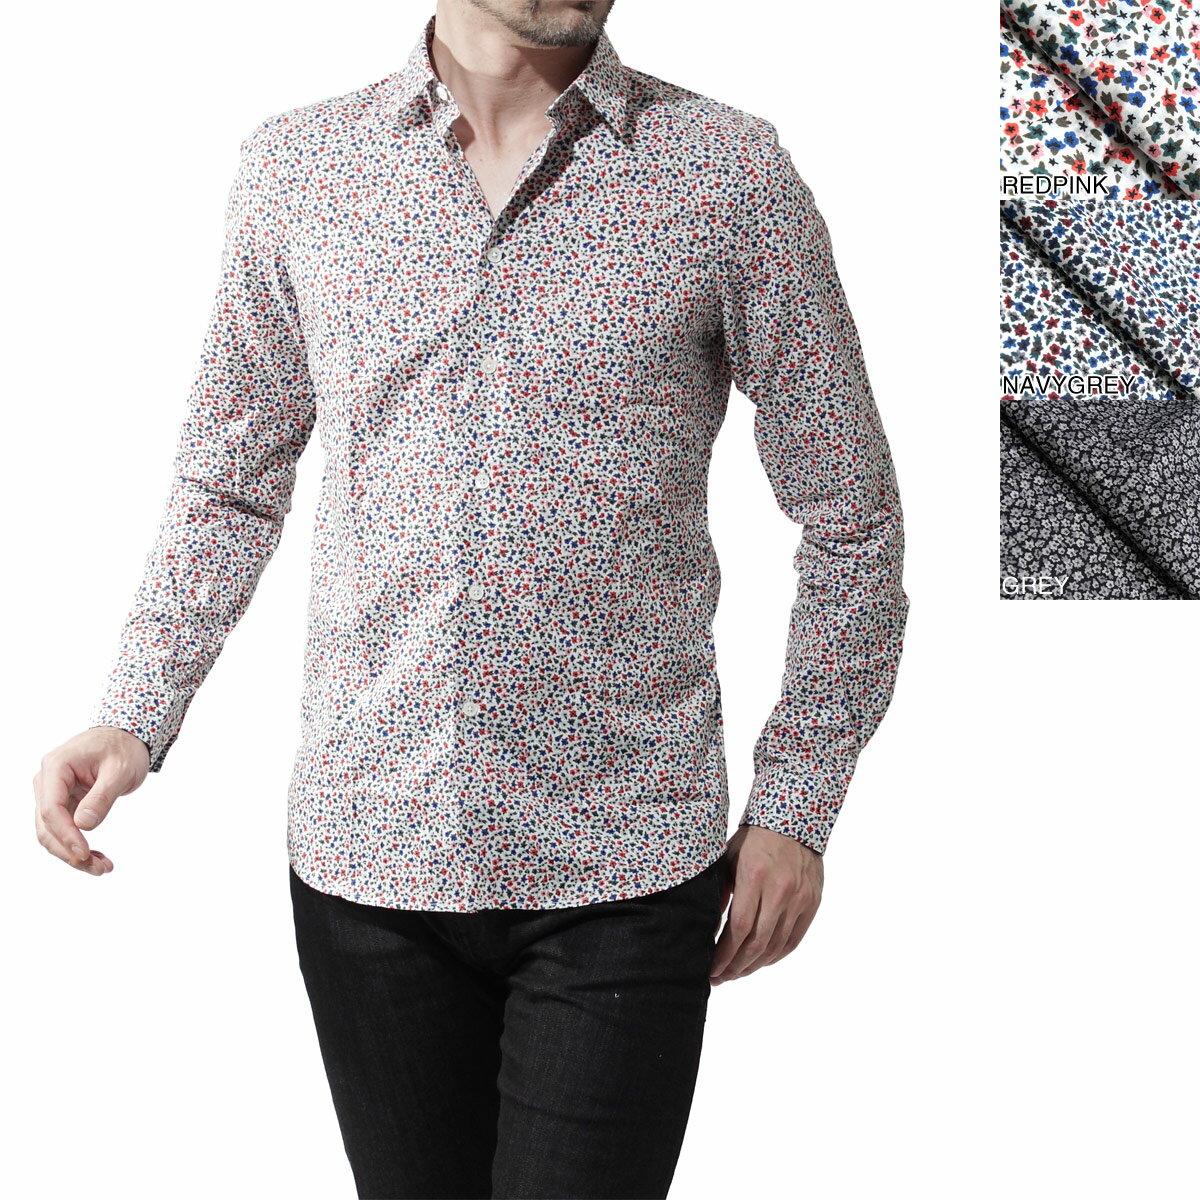 ポールスミス Paul Smith レギュラーカラーシャツ カジュアルシャツ タイニーカラーシャツ MEN SHIRT SLIM LSLV psxd433r 454 メンズ【ラッピング無料】【返品送料無料】【あす楽対応_関東】